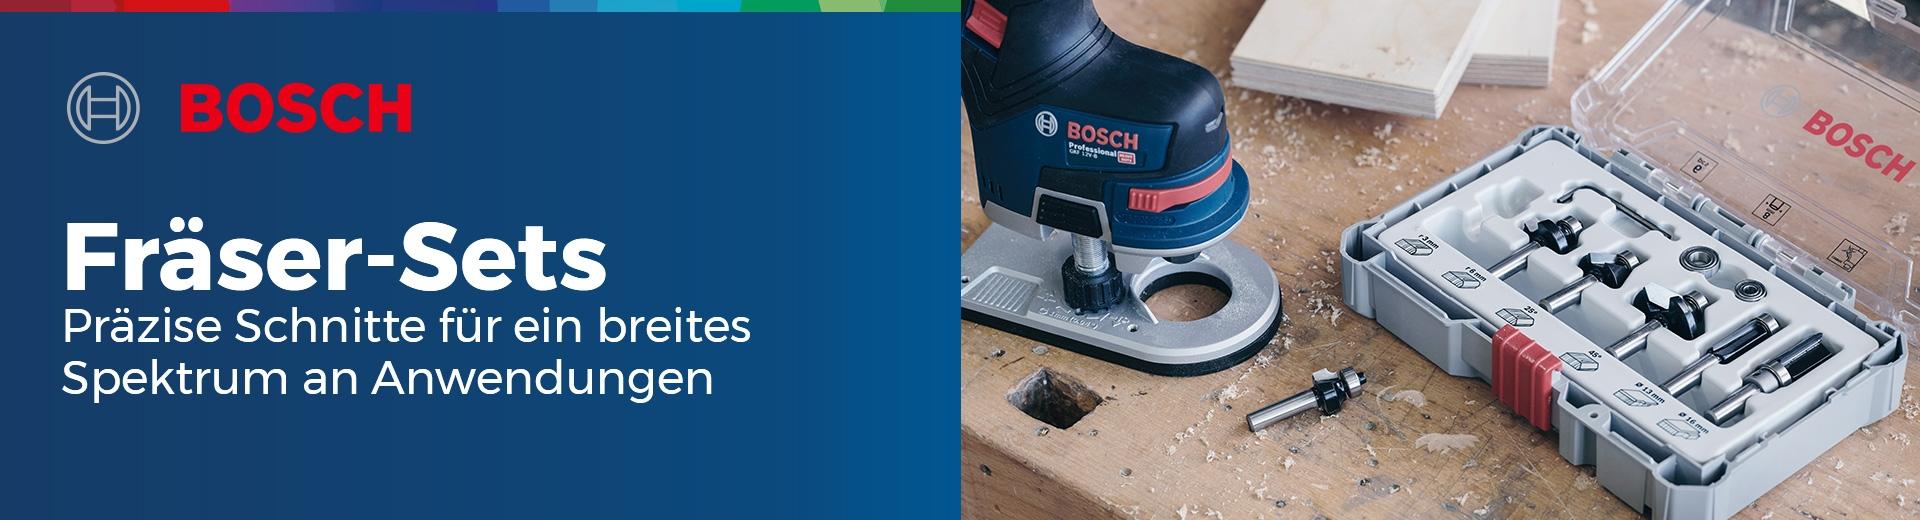 Bosch - Fräser-Sets